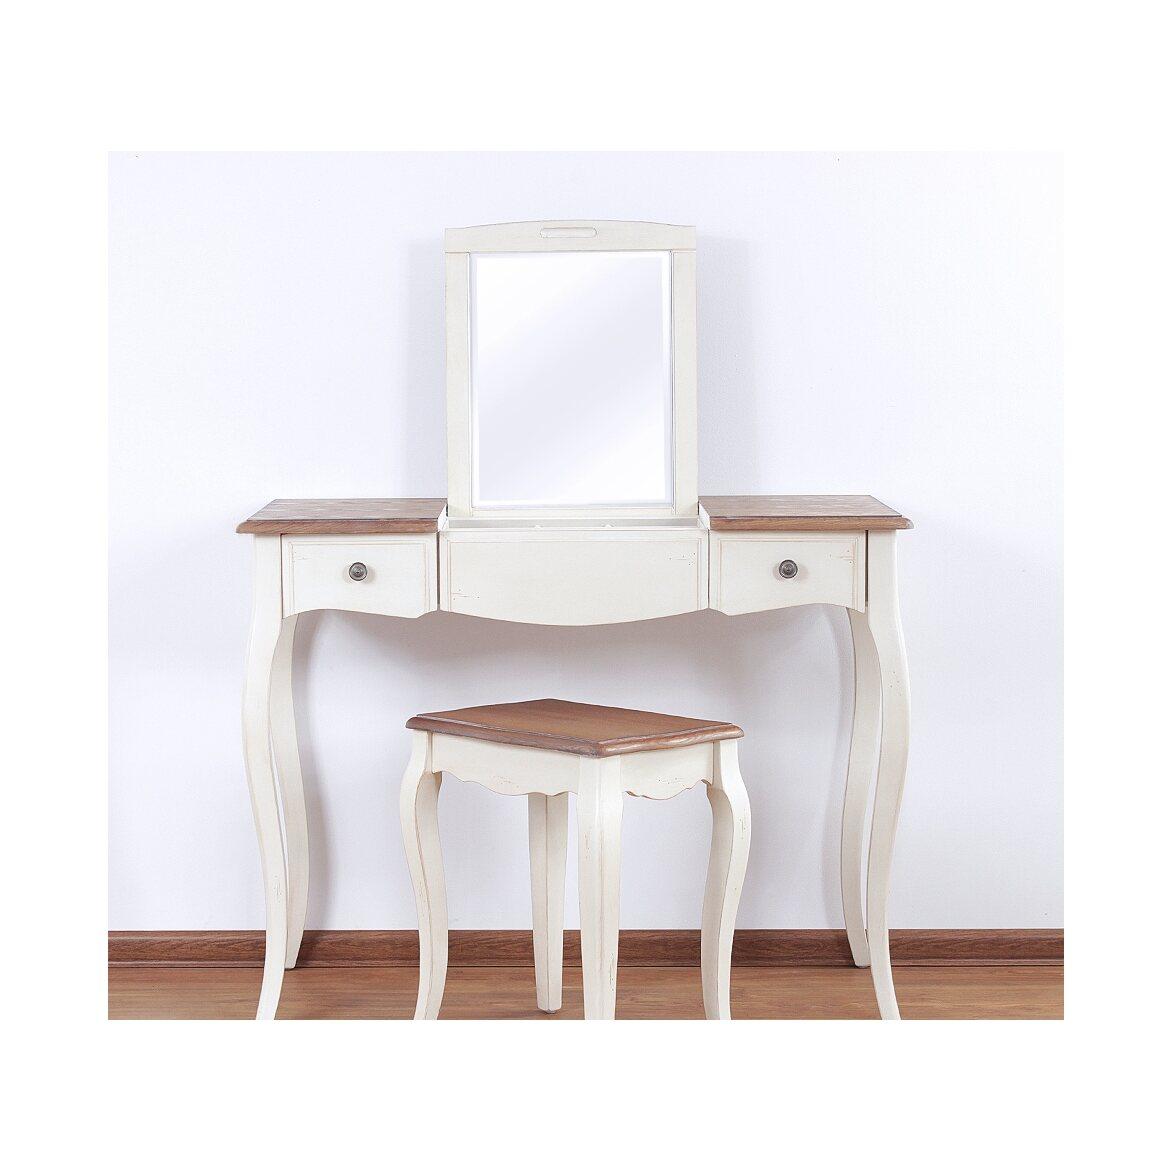 Туалетный столик с зеркалом Leontina, бежевого цвета 8   Туалетные столики Kingsby